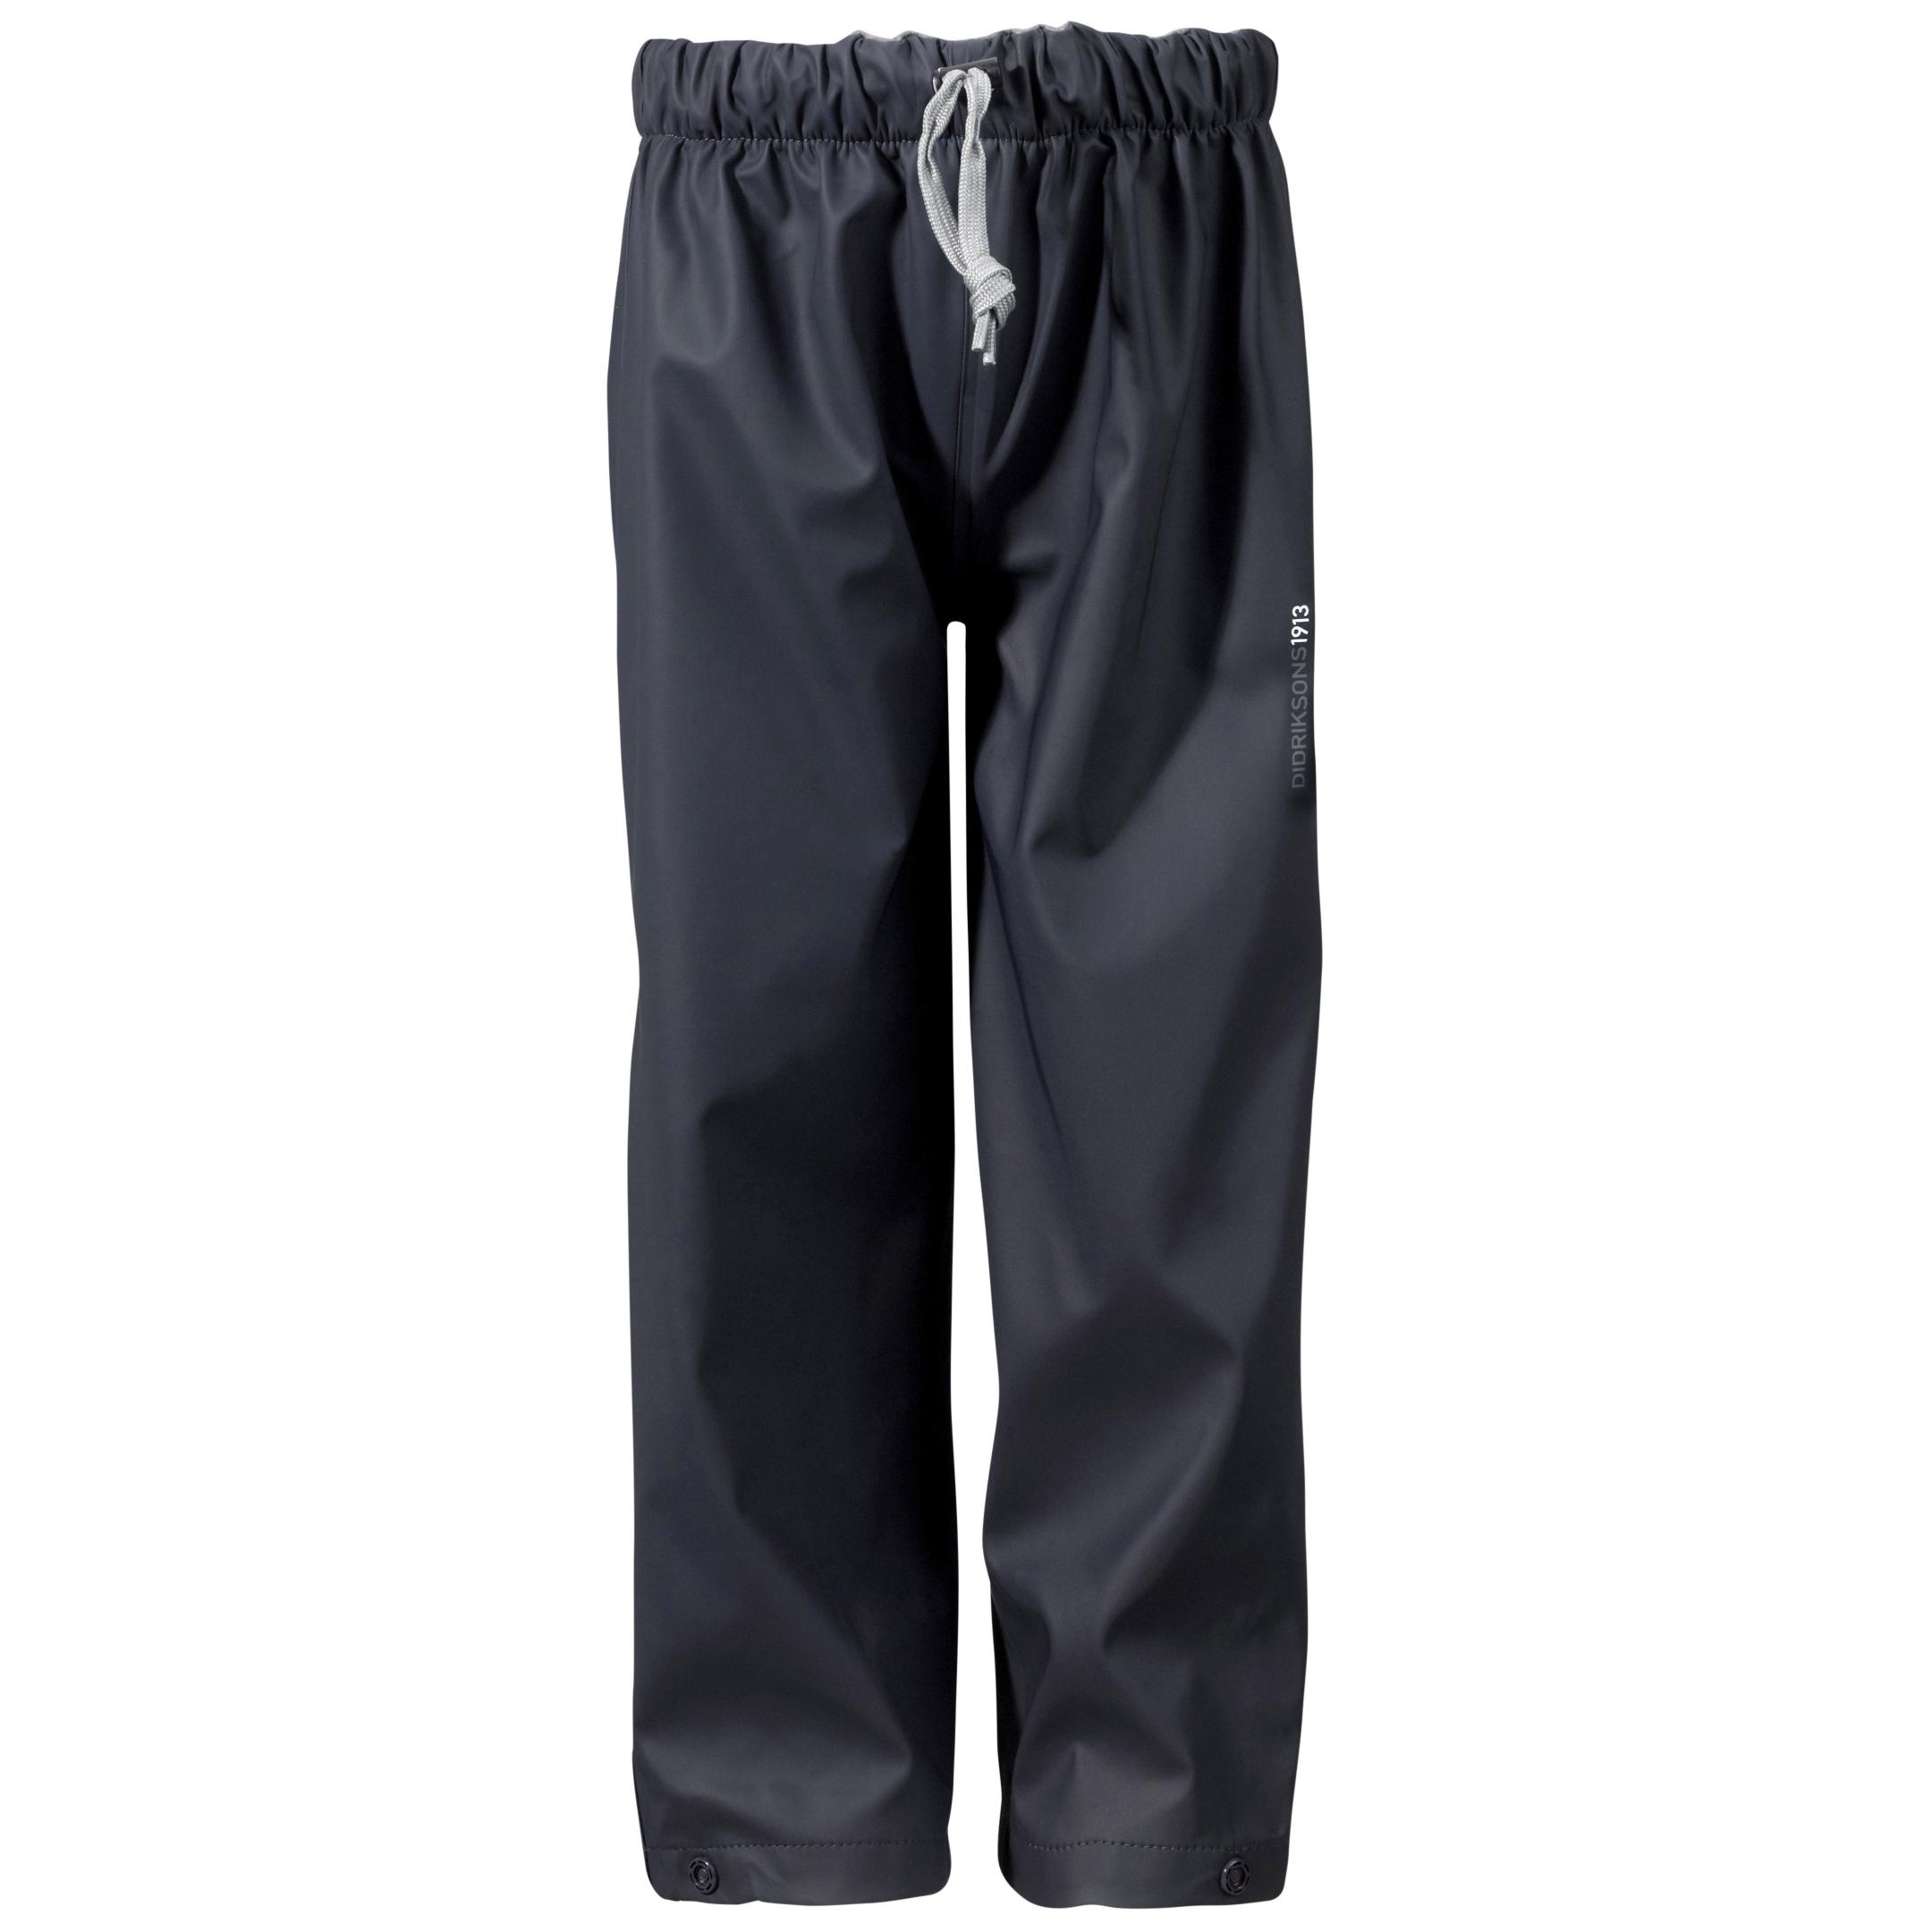 Дидриксон брюки детские дождевые MIDJEMAN, - фото 1